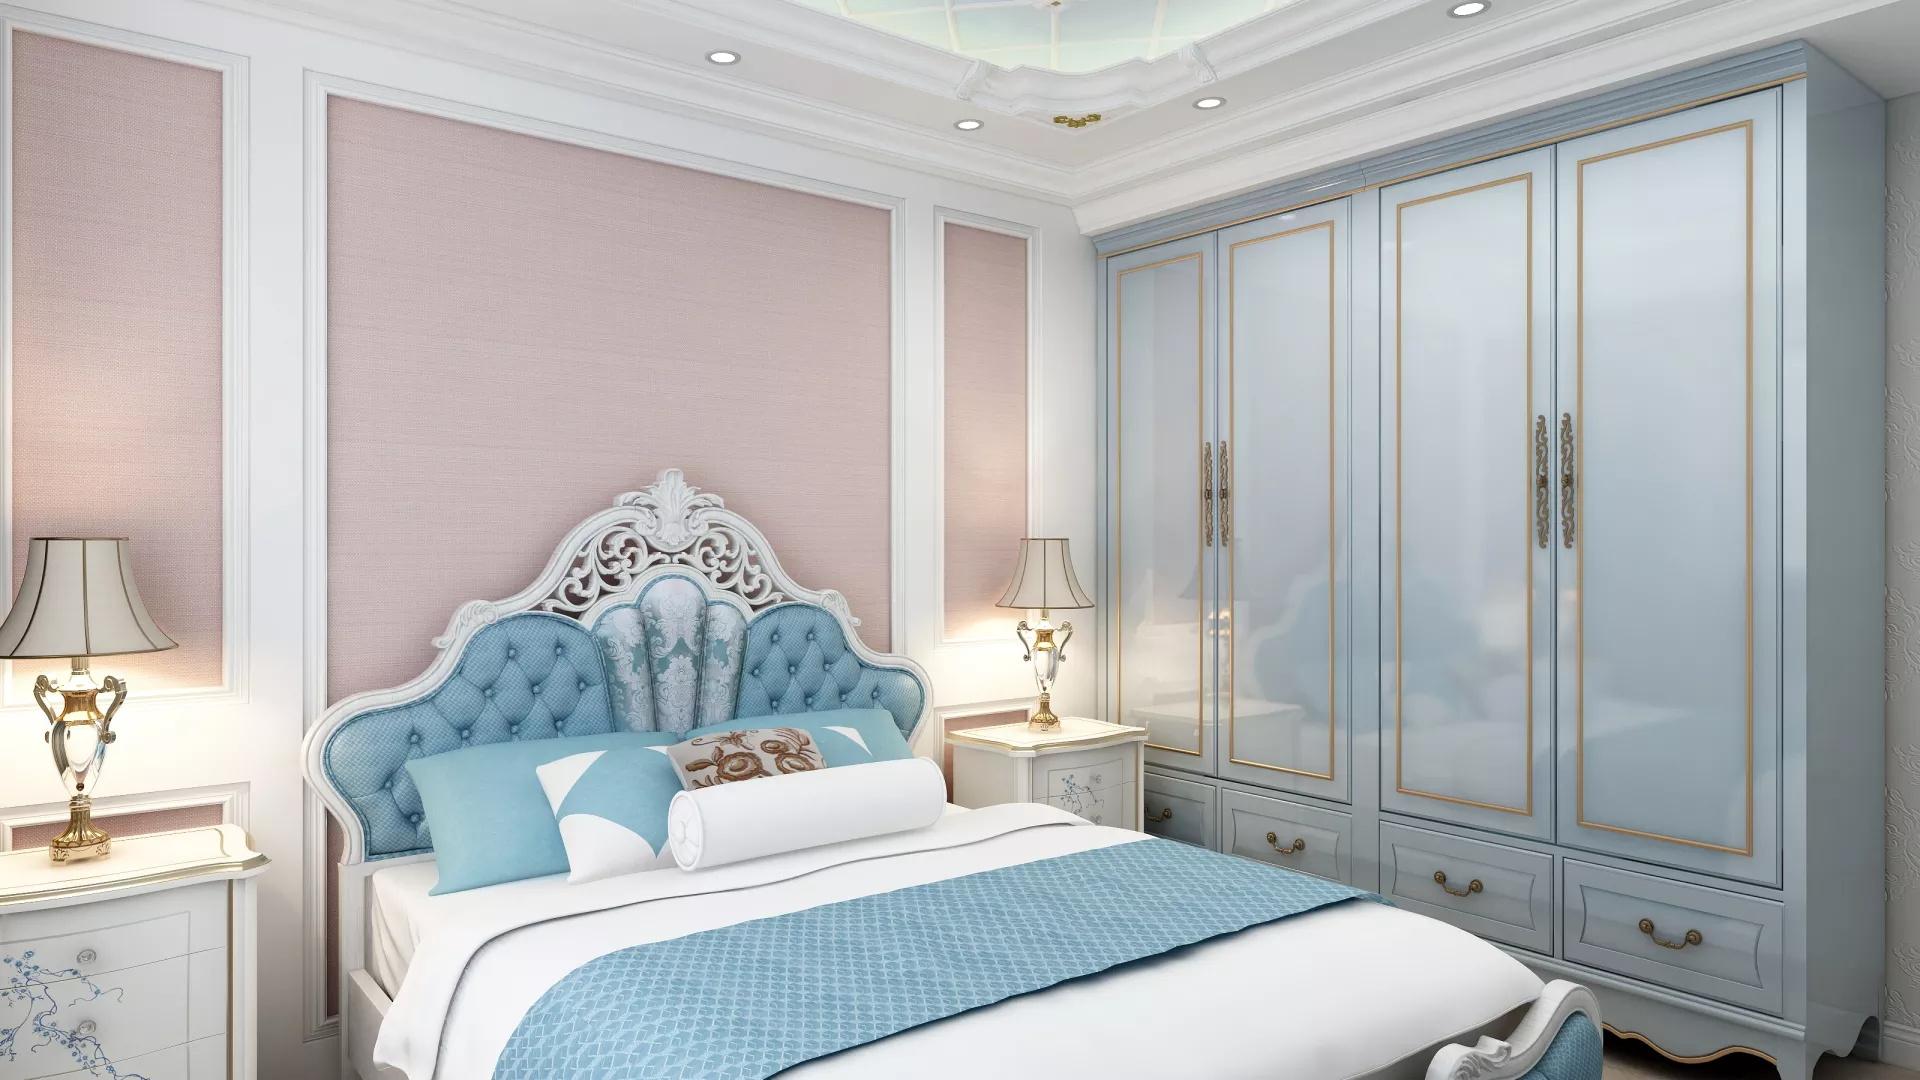 法恩莎衛浴是幾線品牌 法恩莎衛浴品牌介紹